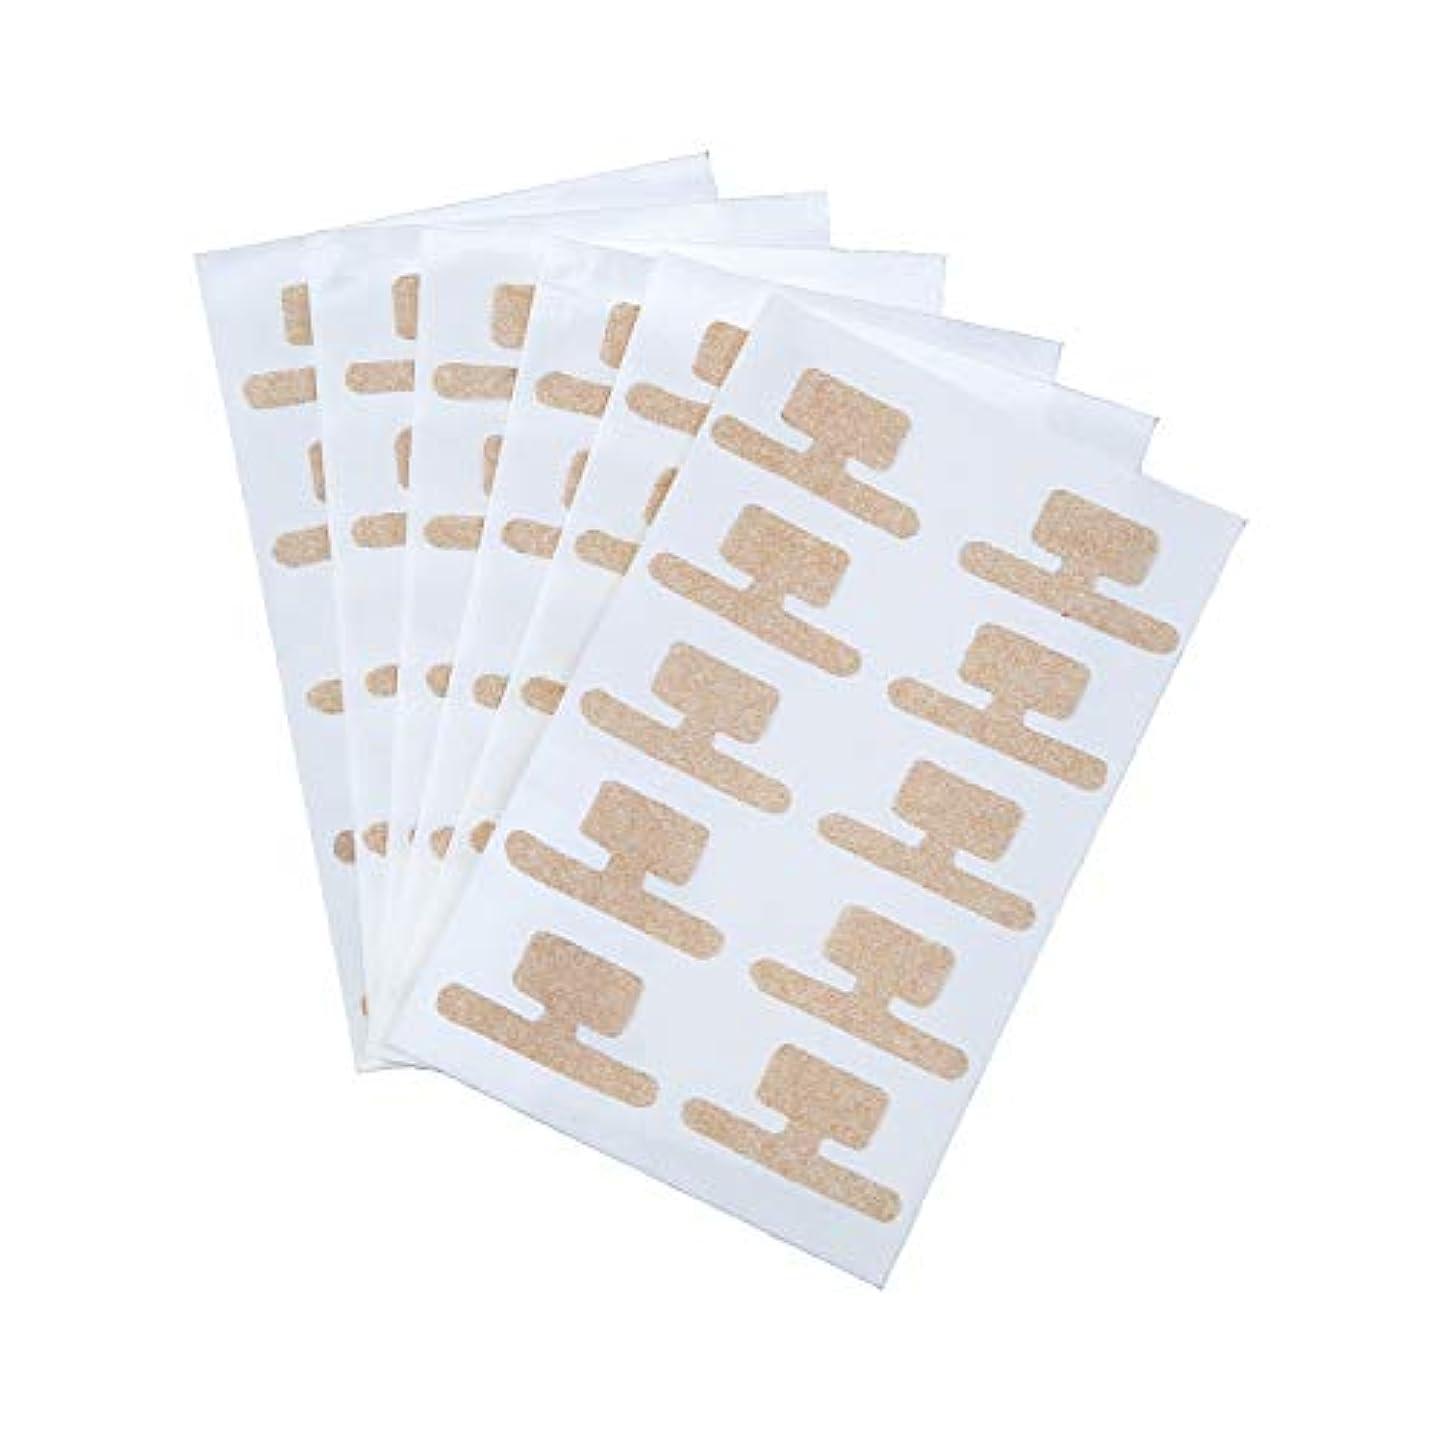 シャベルクラシック新着巻き爪ダブルケアテープ 60枚入 持ち上げ シール 食い込み 痛み サポート 貼るだけ 足 フットケア